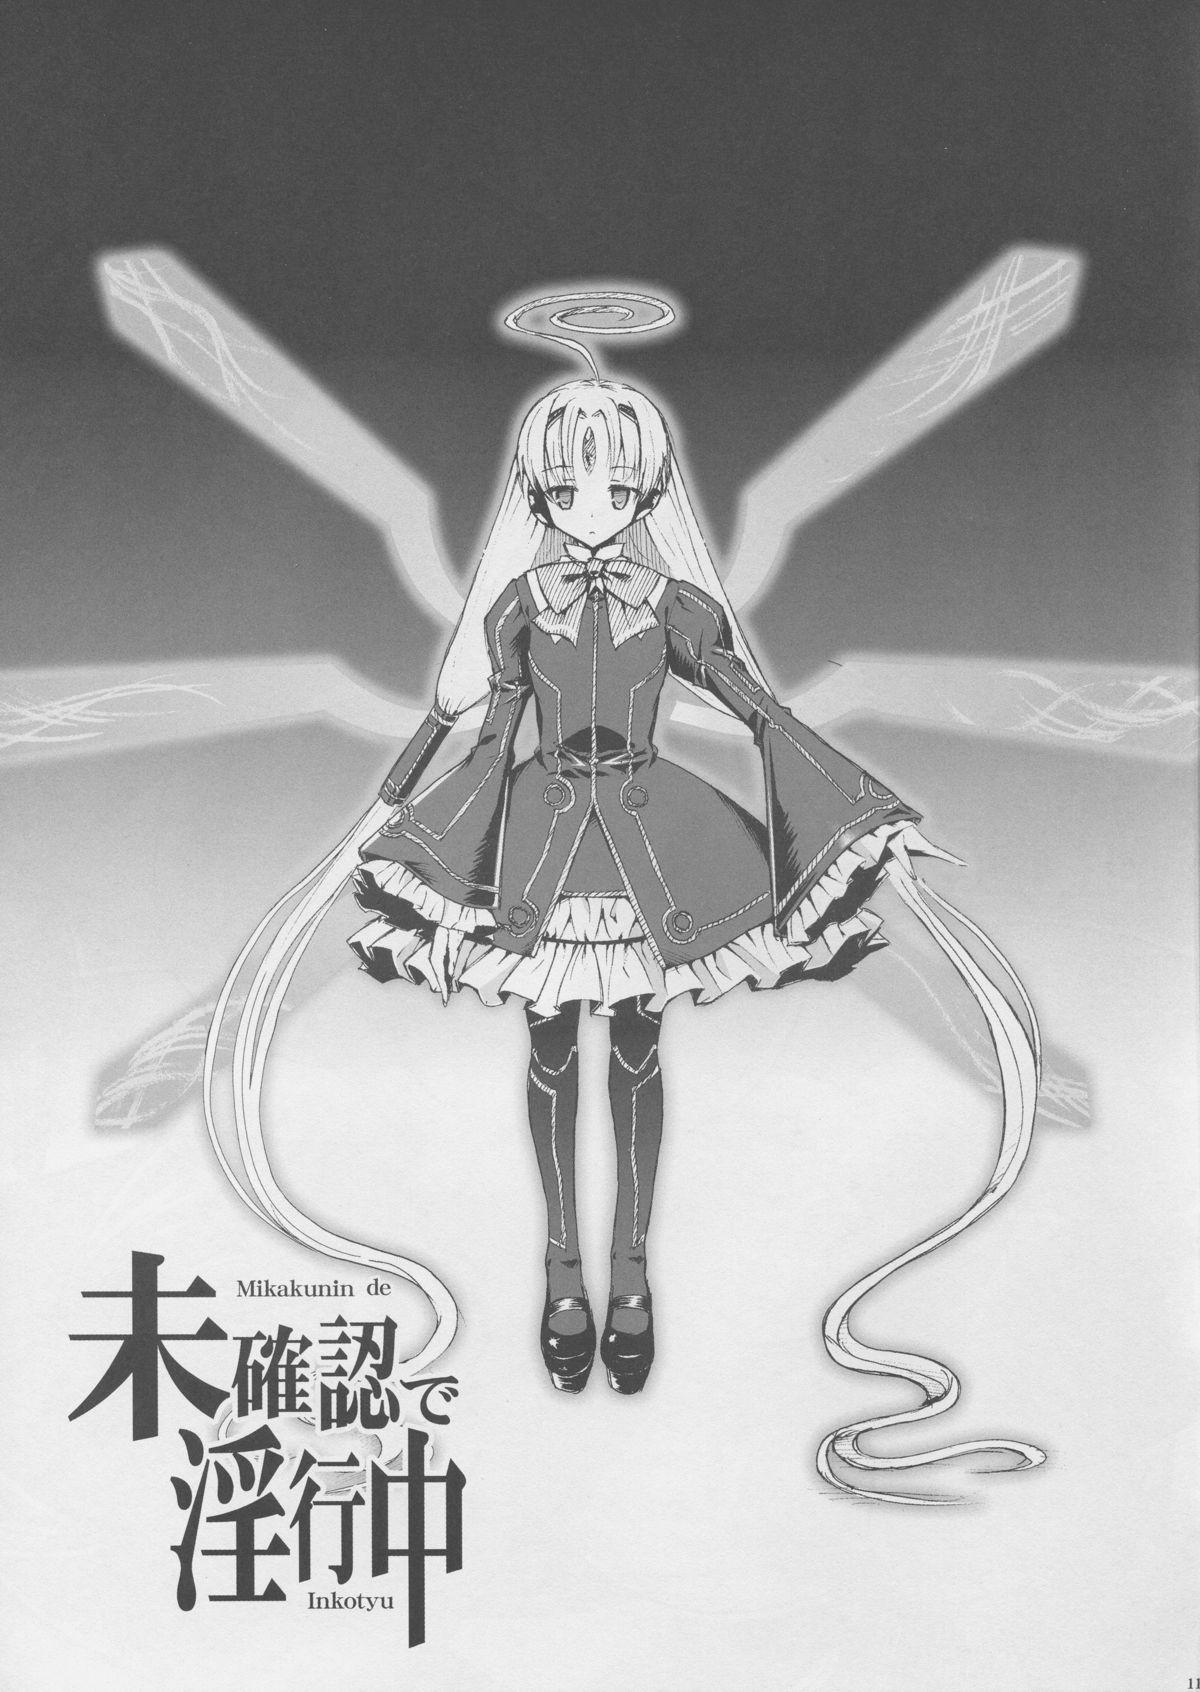 Mikakunin de Inkochu 12